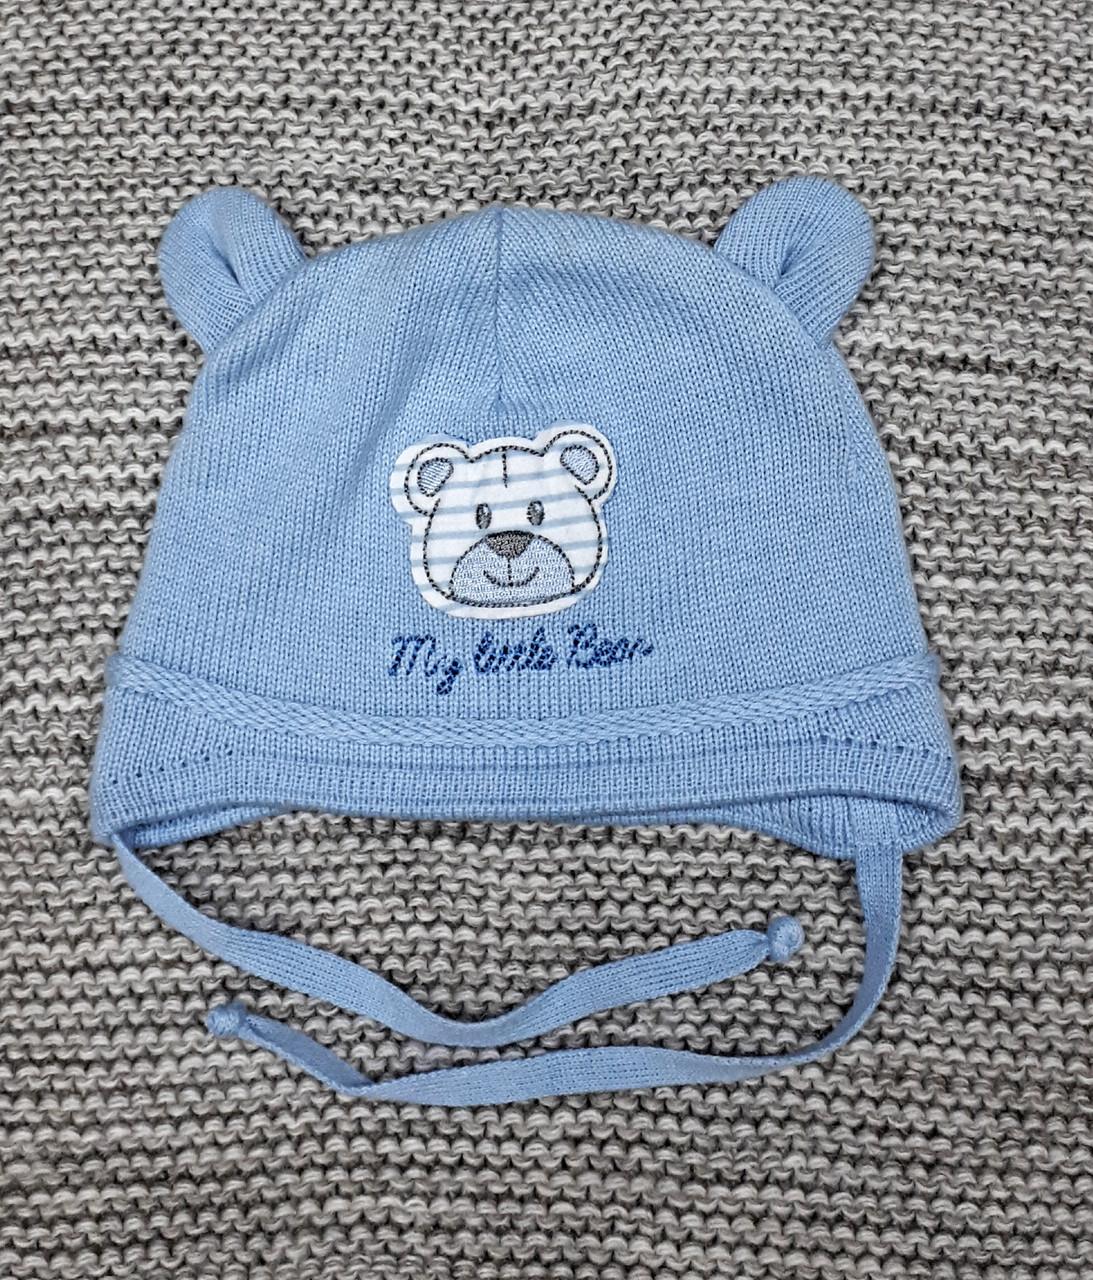 Шапка детская  на мальчика весна-осень голубого цвета Grans (Польша) размер 38 40